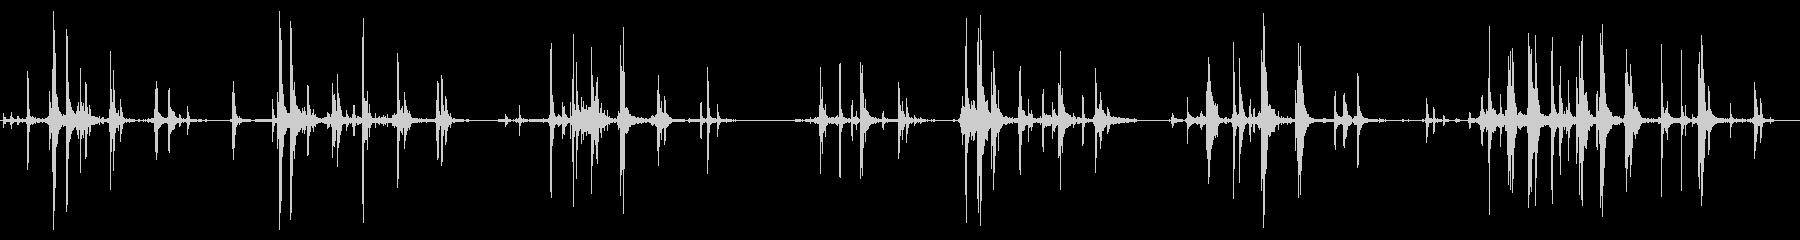 スローで重いメタルディスクの回転と...の未再生の波形